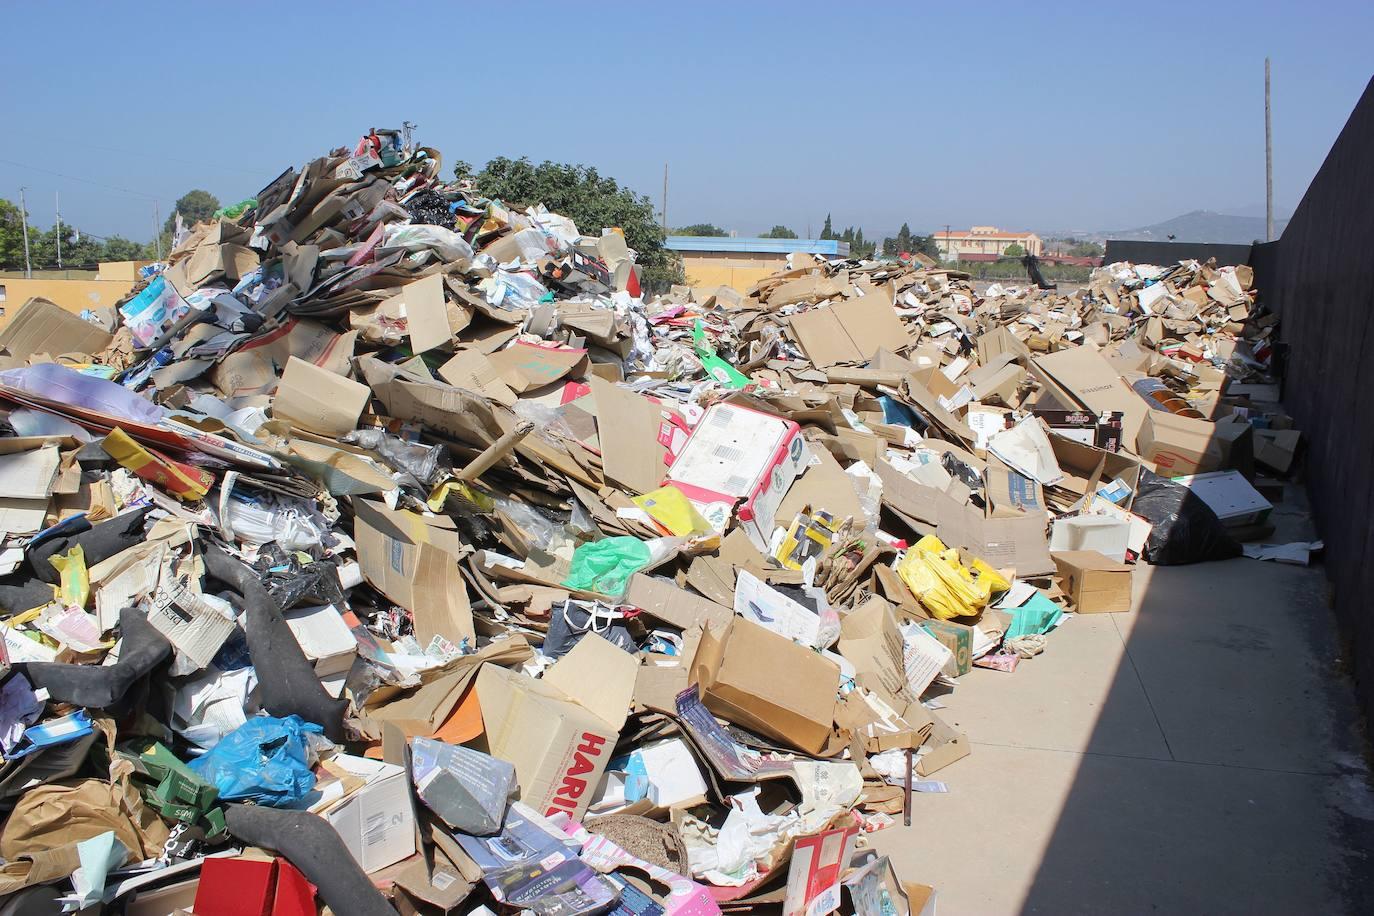 El PSOE critica que el Ayuntamiento haya convertido el recinto ferial de Motril en un «punto negro» de basura